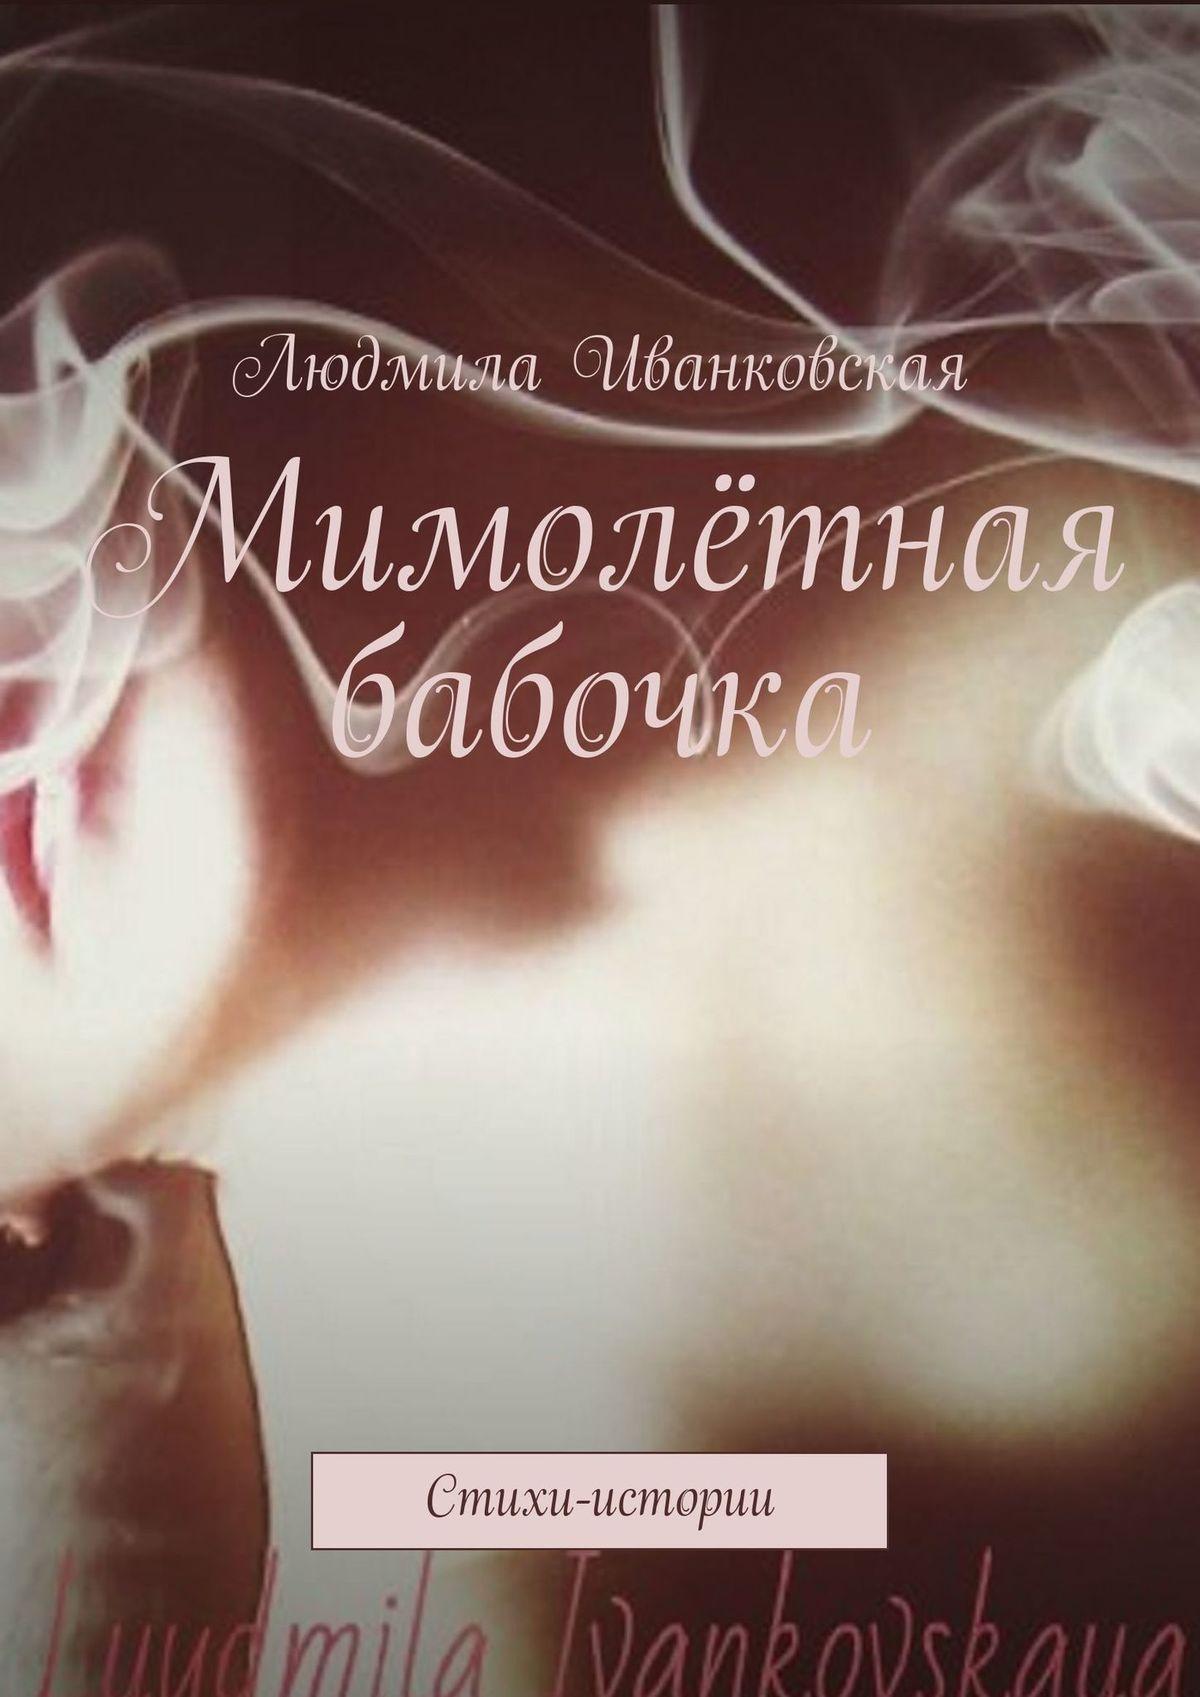 Людмила Иванковская Мимолётная бабочка. Стихи-истории людмила мальцева позитивизмы